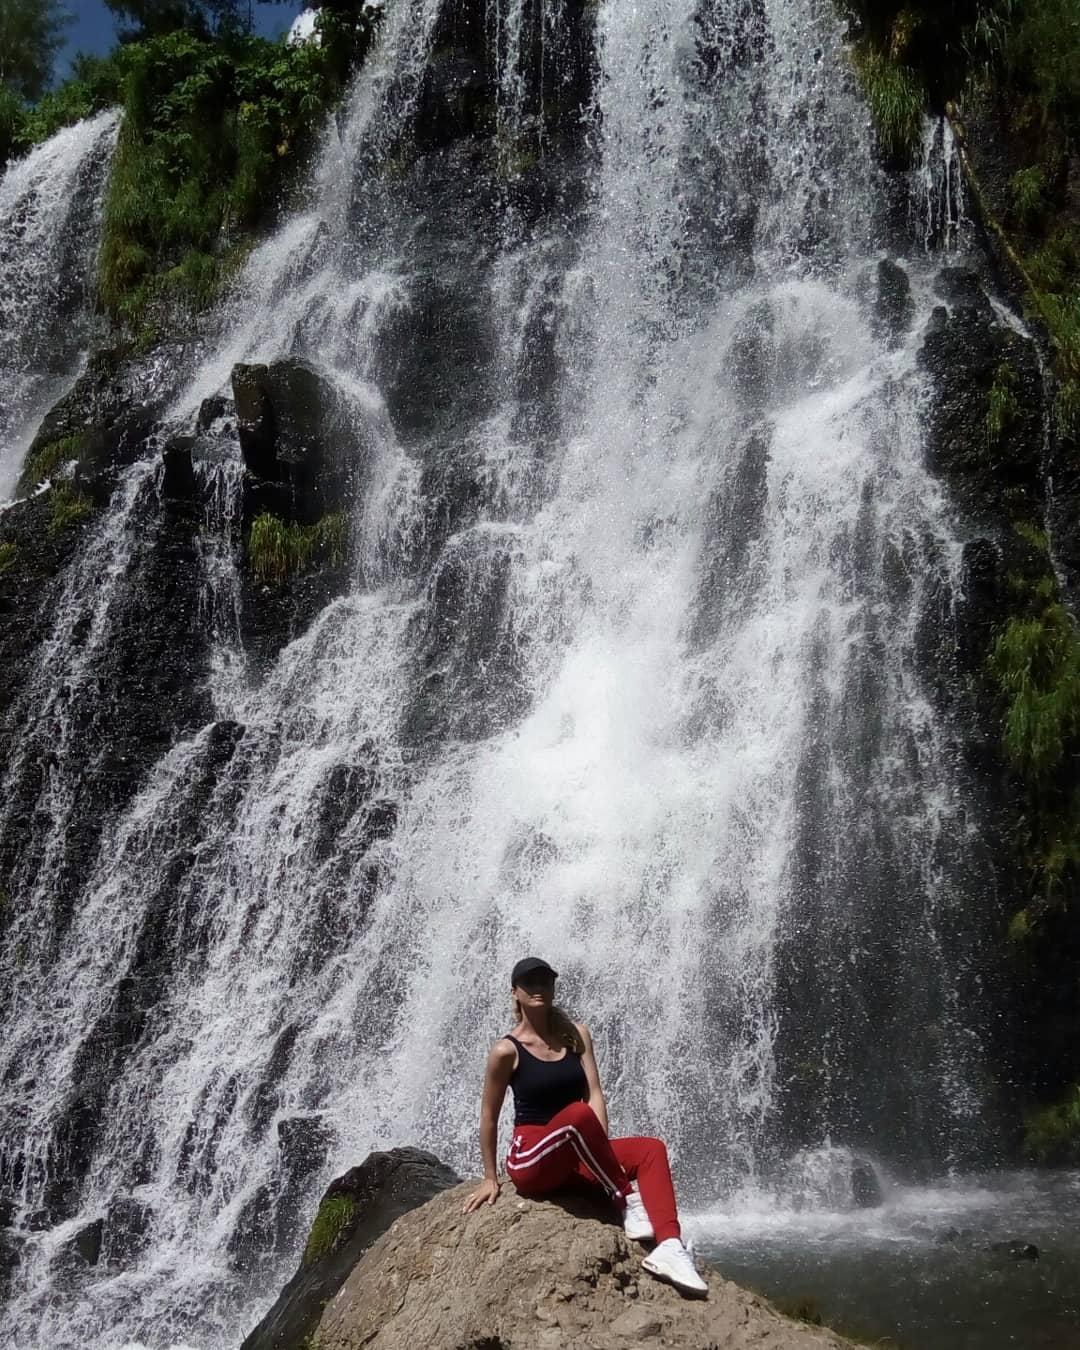 лето- горы, солнце, водопады). Наше лето